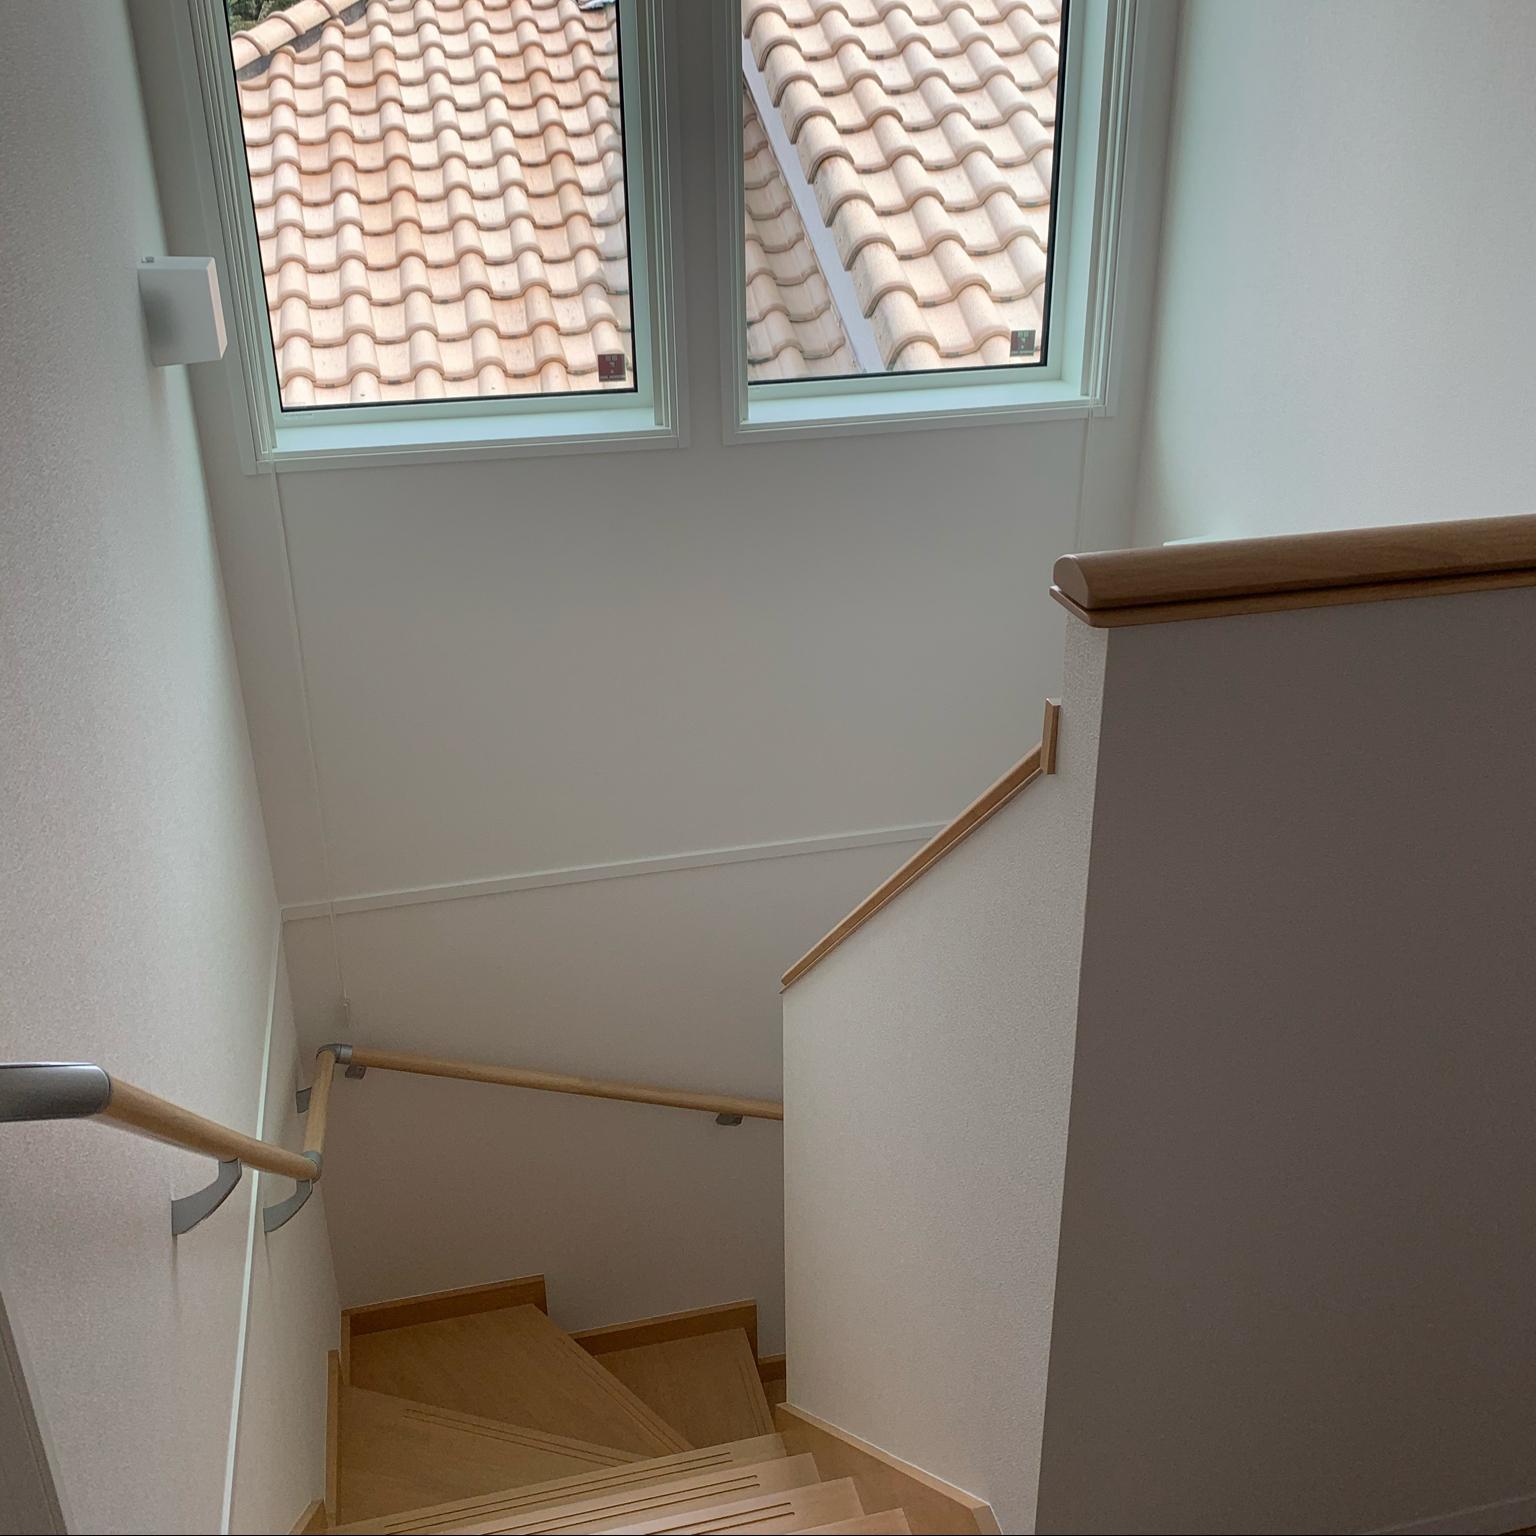 壁/天井のインテリア実例 - 2021-04-22 12:12:31